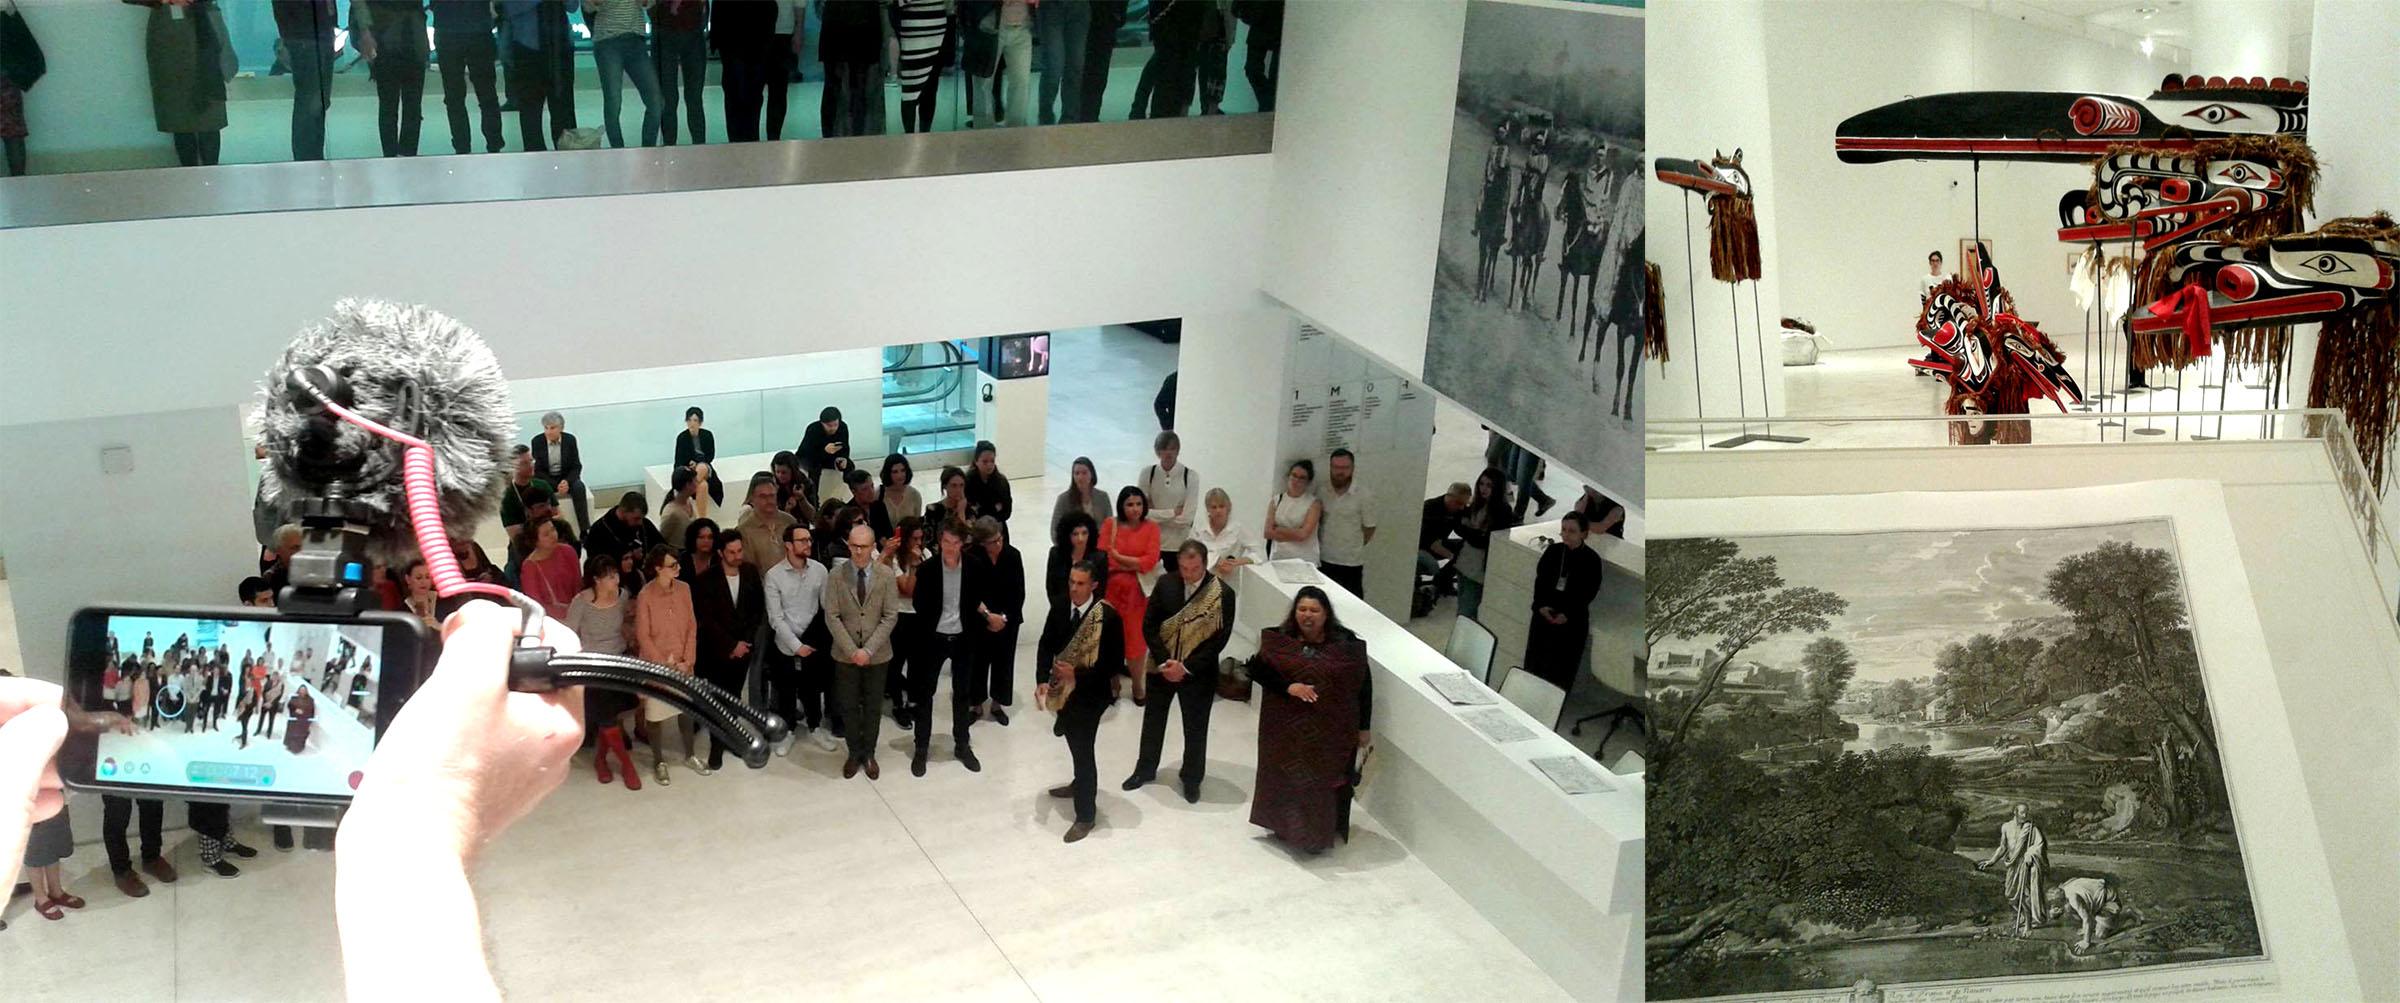 """Levo: Ceremonija otvaranja Dokumente 14 u Nacionalnom muzeju za savremenu umetnosti u Atini – direktor izložbe Adam Šimčik stoji sa kanadskim indijancima, učesnicima Dokumente 14, u trenutku izvođenja ritualne pesme u čast preminulog poglavice Bou Dika. Desno: Pusenova grafika (Nicolas Poussin), """"Pejzaž sa Diogenom"""" iz 1647. godine, postavljena nasuprot Dikovih maski namenjenih ritualnom spaljivanju (potlač). Ovakvom postavkom, Šimčik koji je ujedno istaknuti eksponent umetničkog tržišta, kao da pokušava naglasiti ideju o nemogućnosti zaobilaska art-marketa koji uspeva komodifikovati i one predmete čija primarna funkcija nije bila da egzistiraju kao umetnički objekti. Foto: DeMaterijalizacija umetnosti, 2017."""